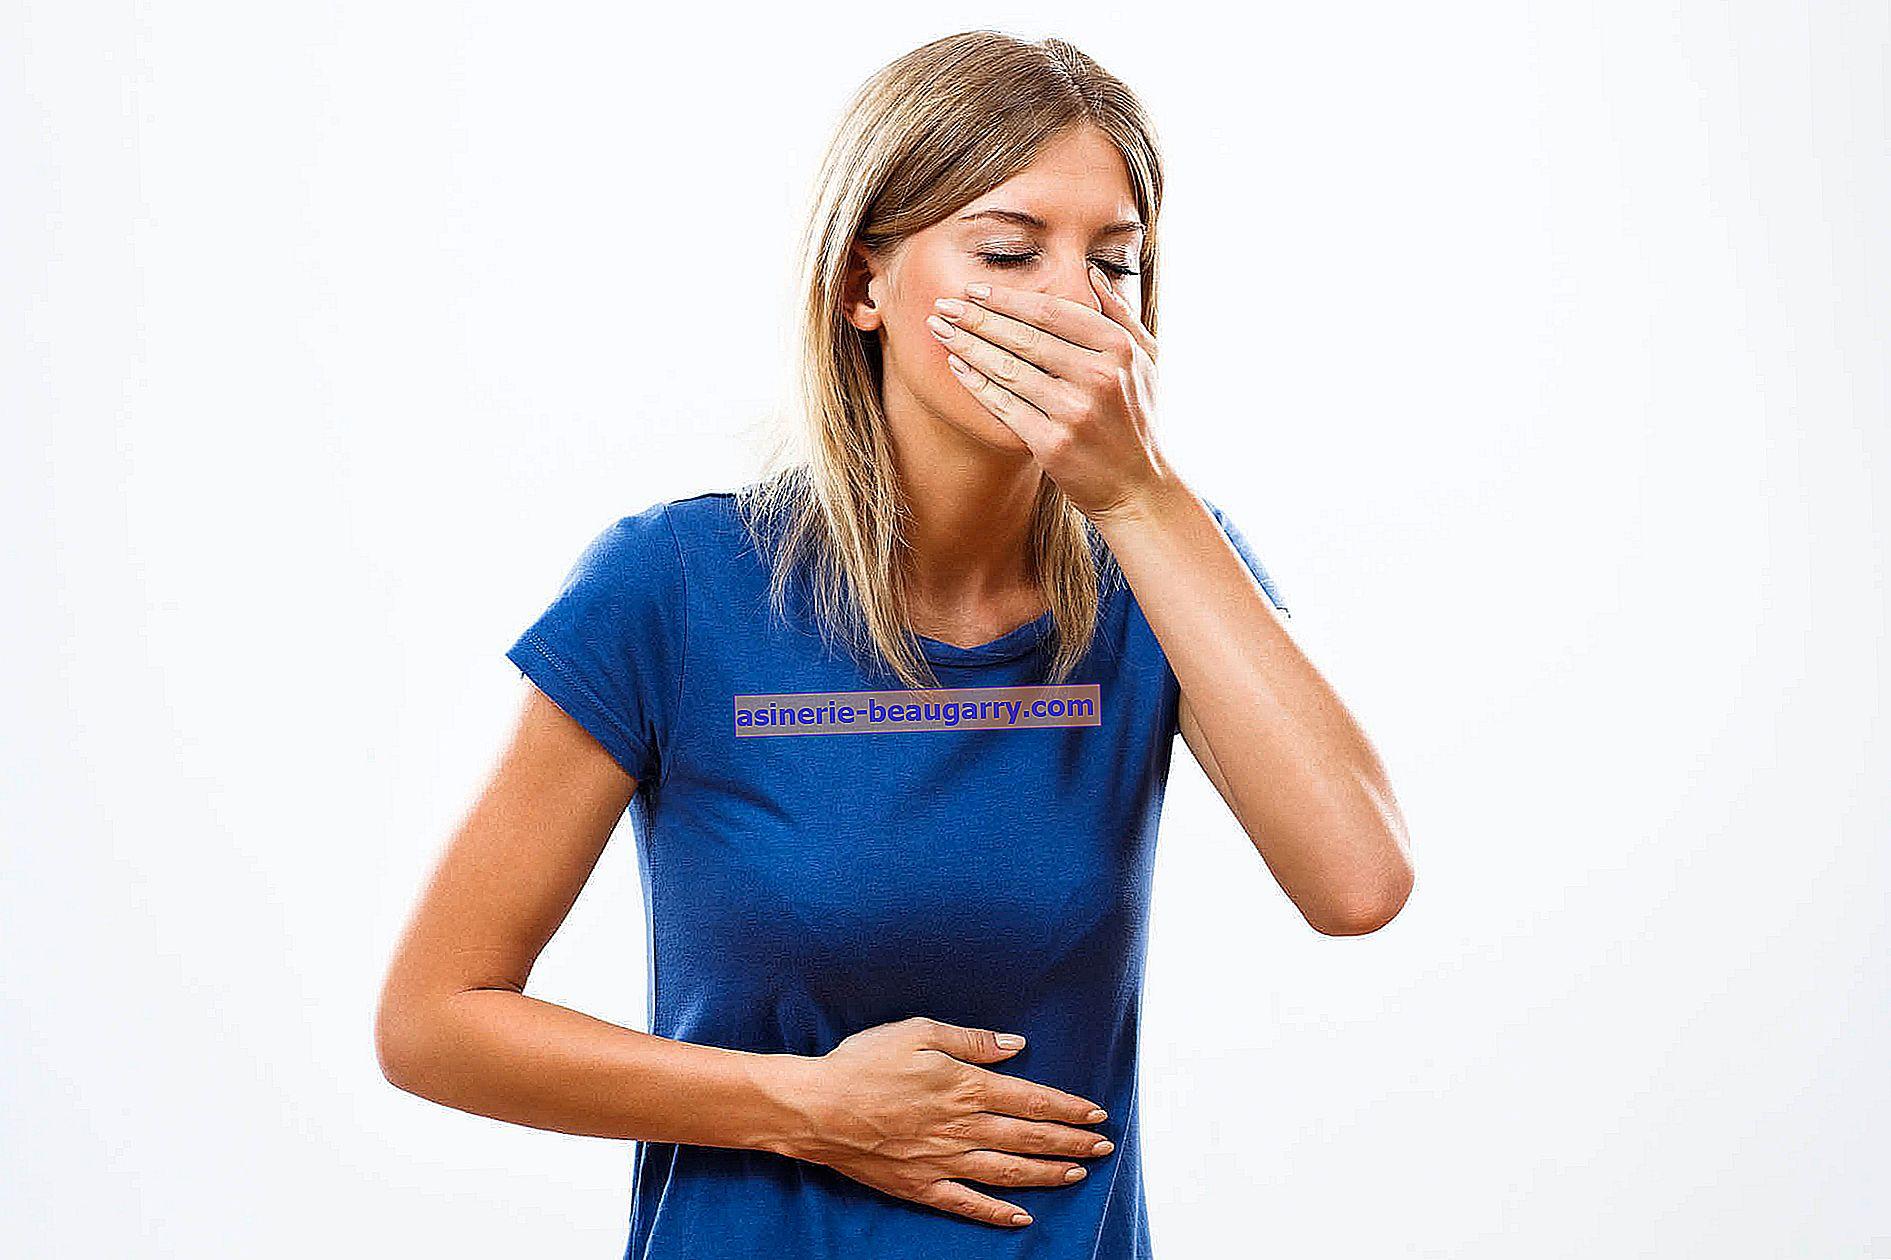 Qu'est-ce qui est bon pour la nausée? Quelles sont les causes de la nausée?